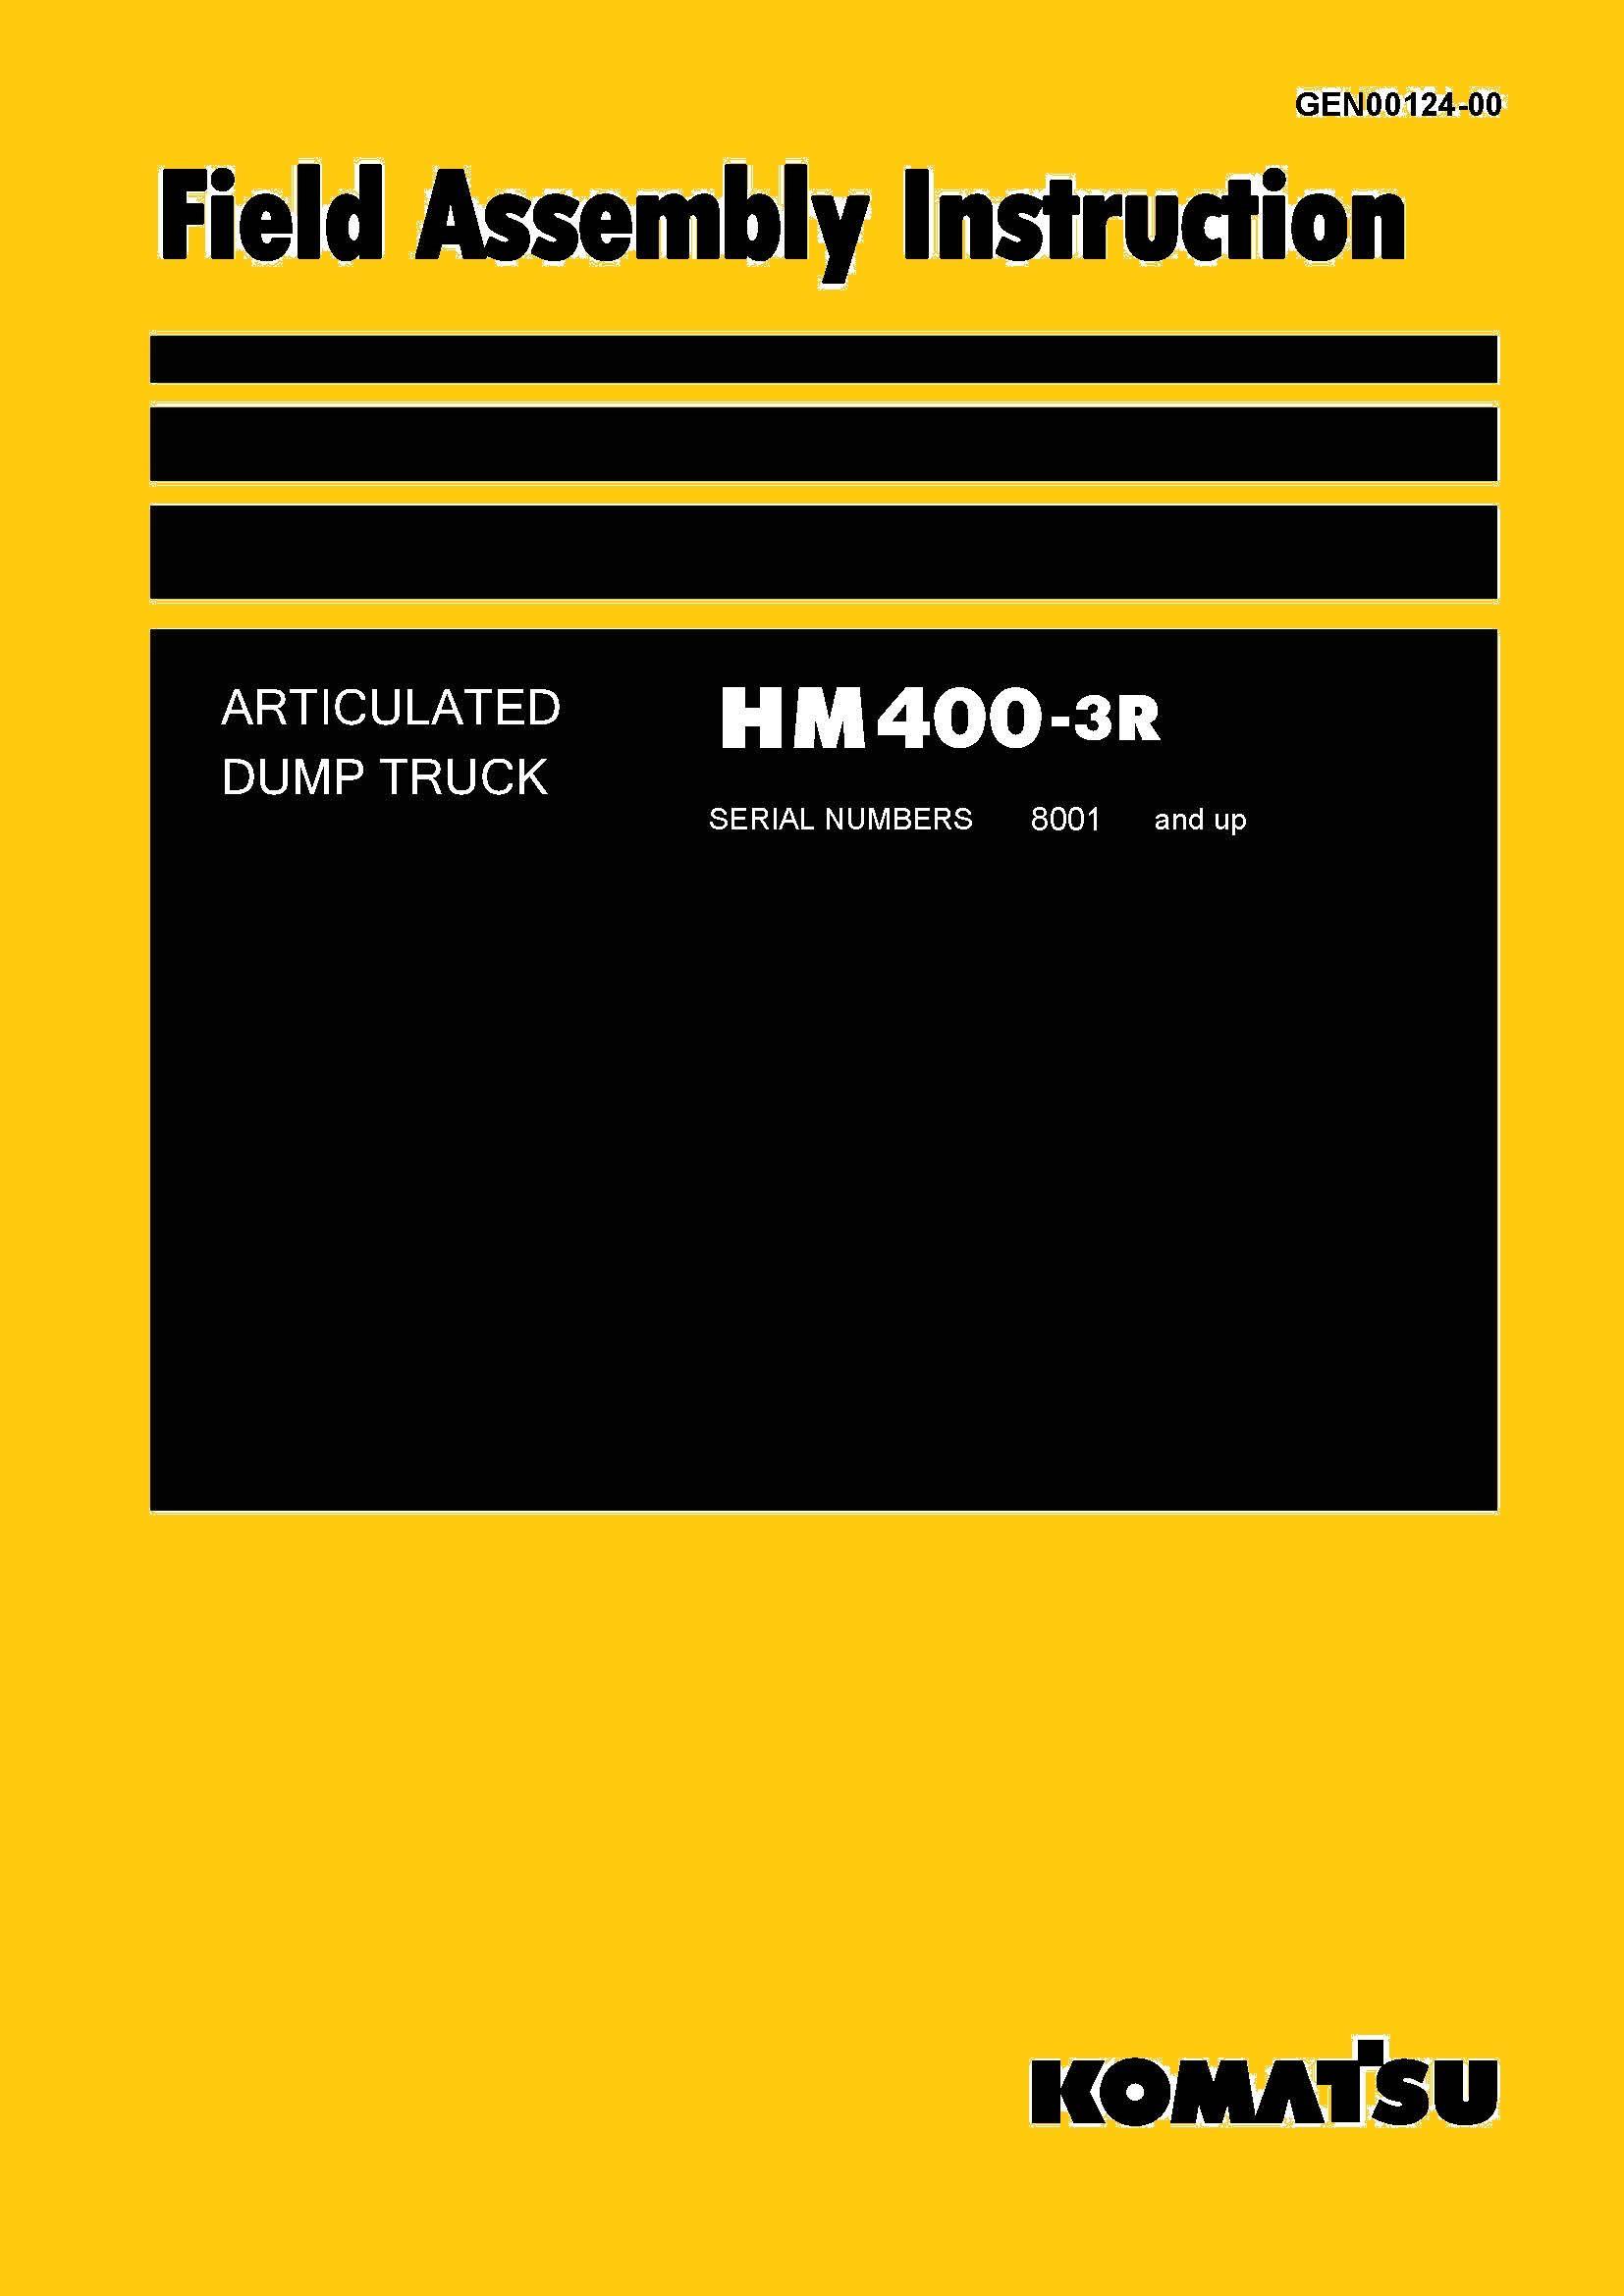 Komatsu ARTICULATED DUMP TRUCK HM4003R Field Assembly